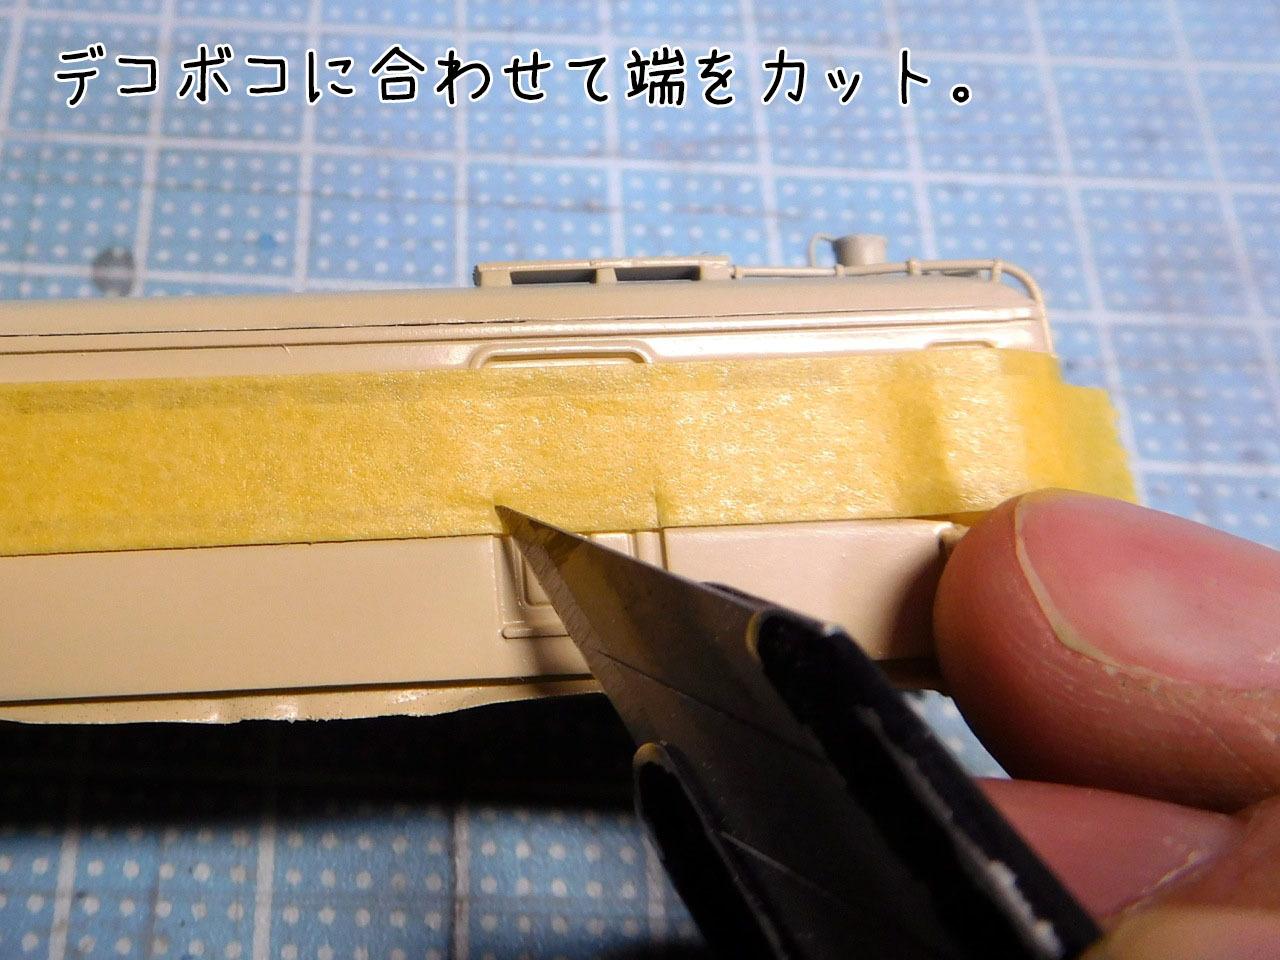 DSCN6677.jpg